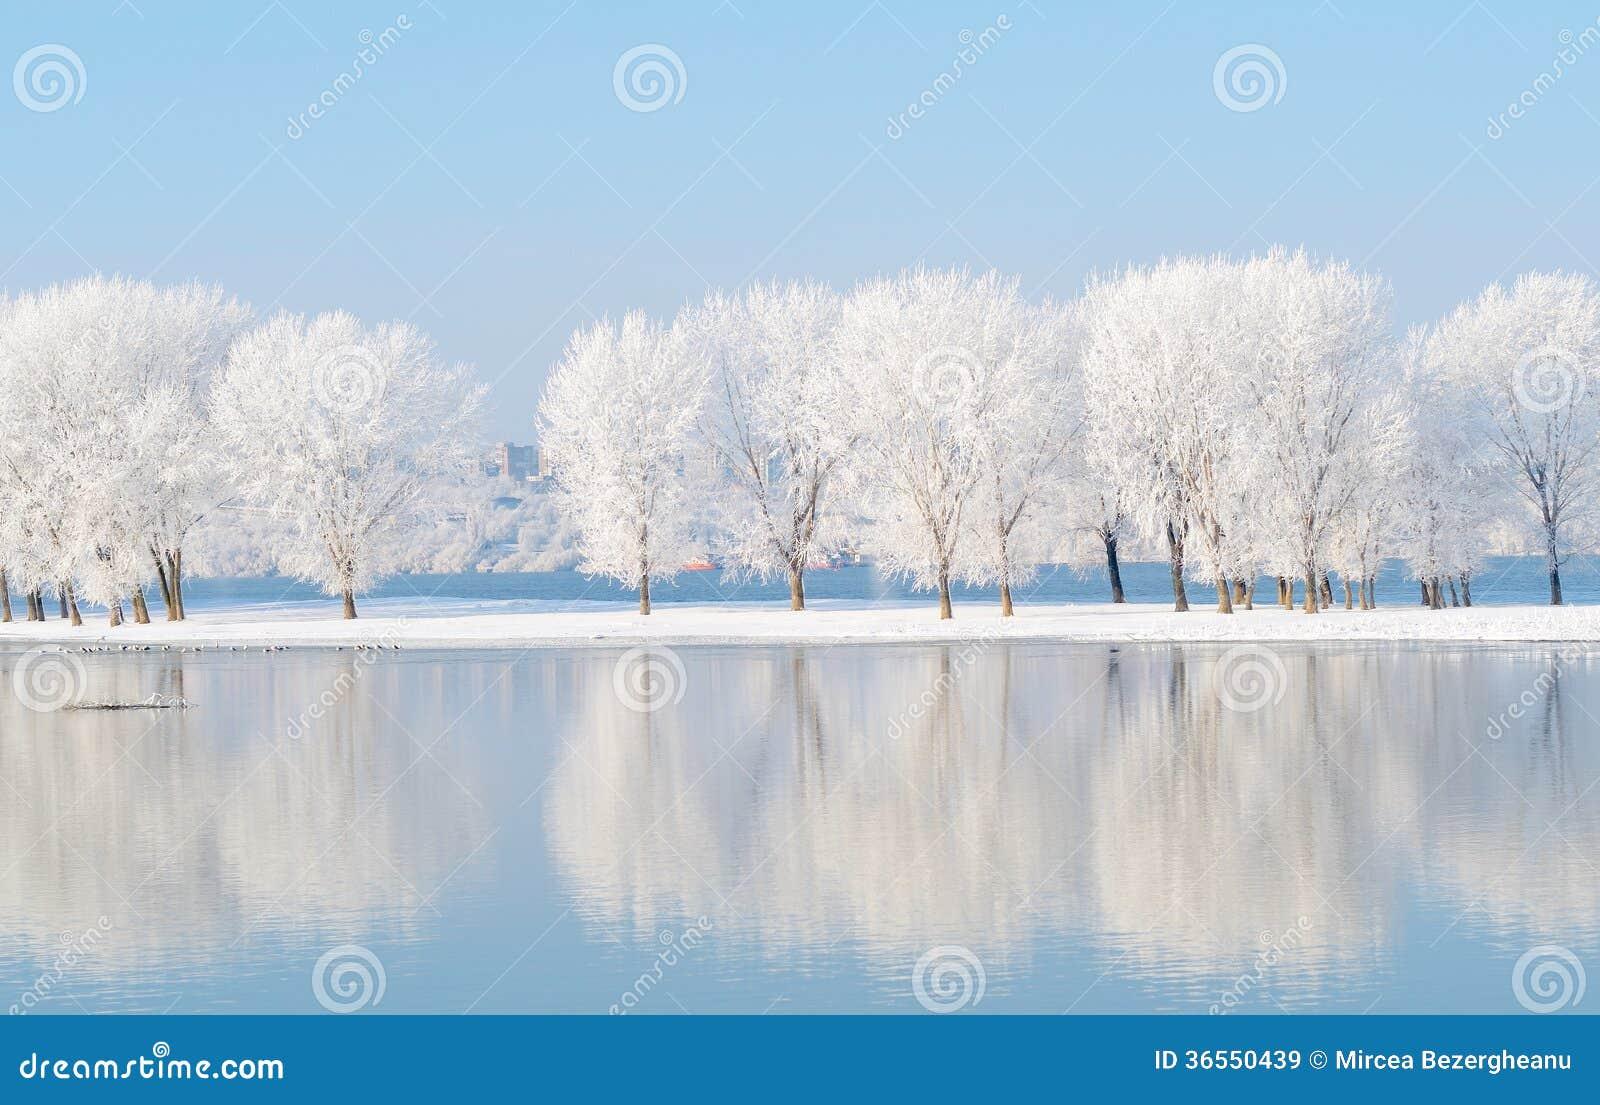 Χειμερινό τοπίο με την αντανάκλαση στο νερό